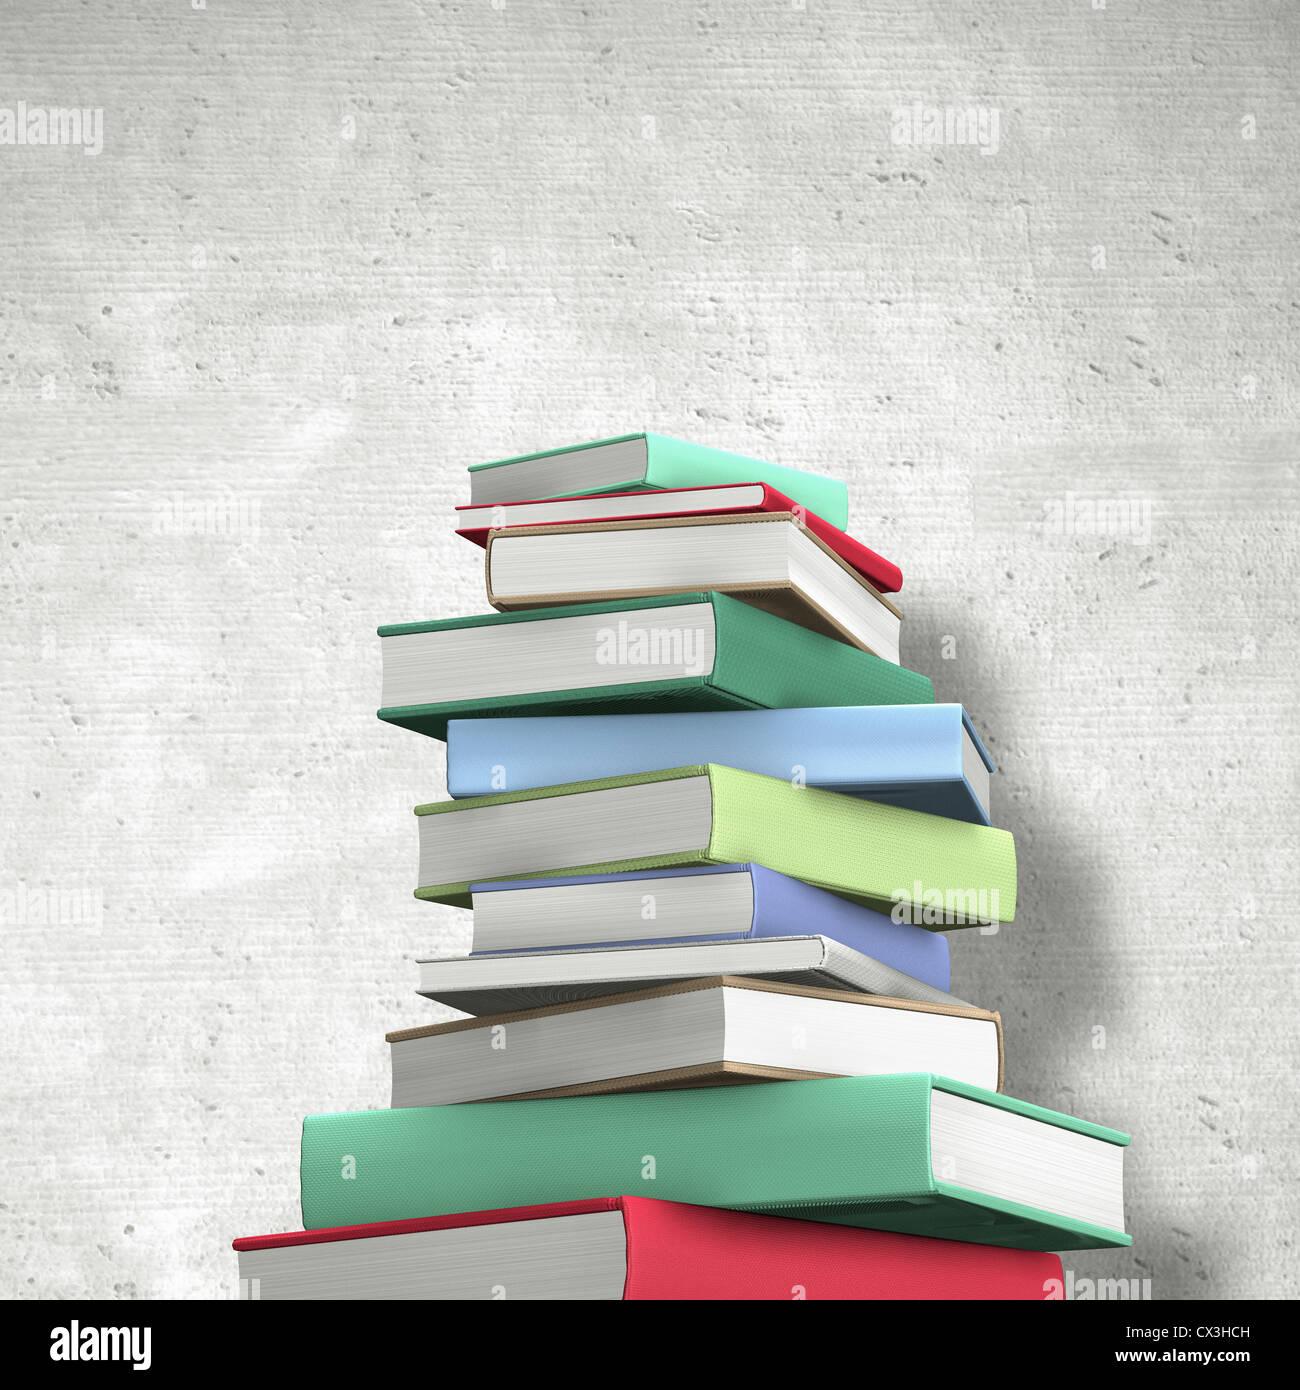 Buecherstapel aus Hardcoverbüchern mit farbigem Einband ohne Aufschrift - stack of books - Stock Image